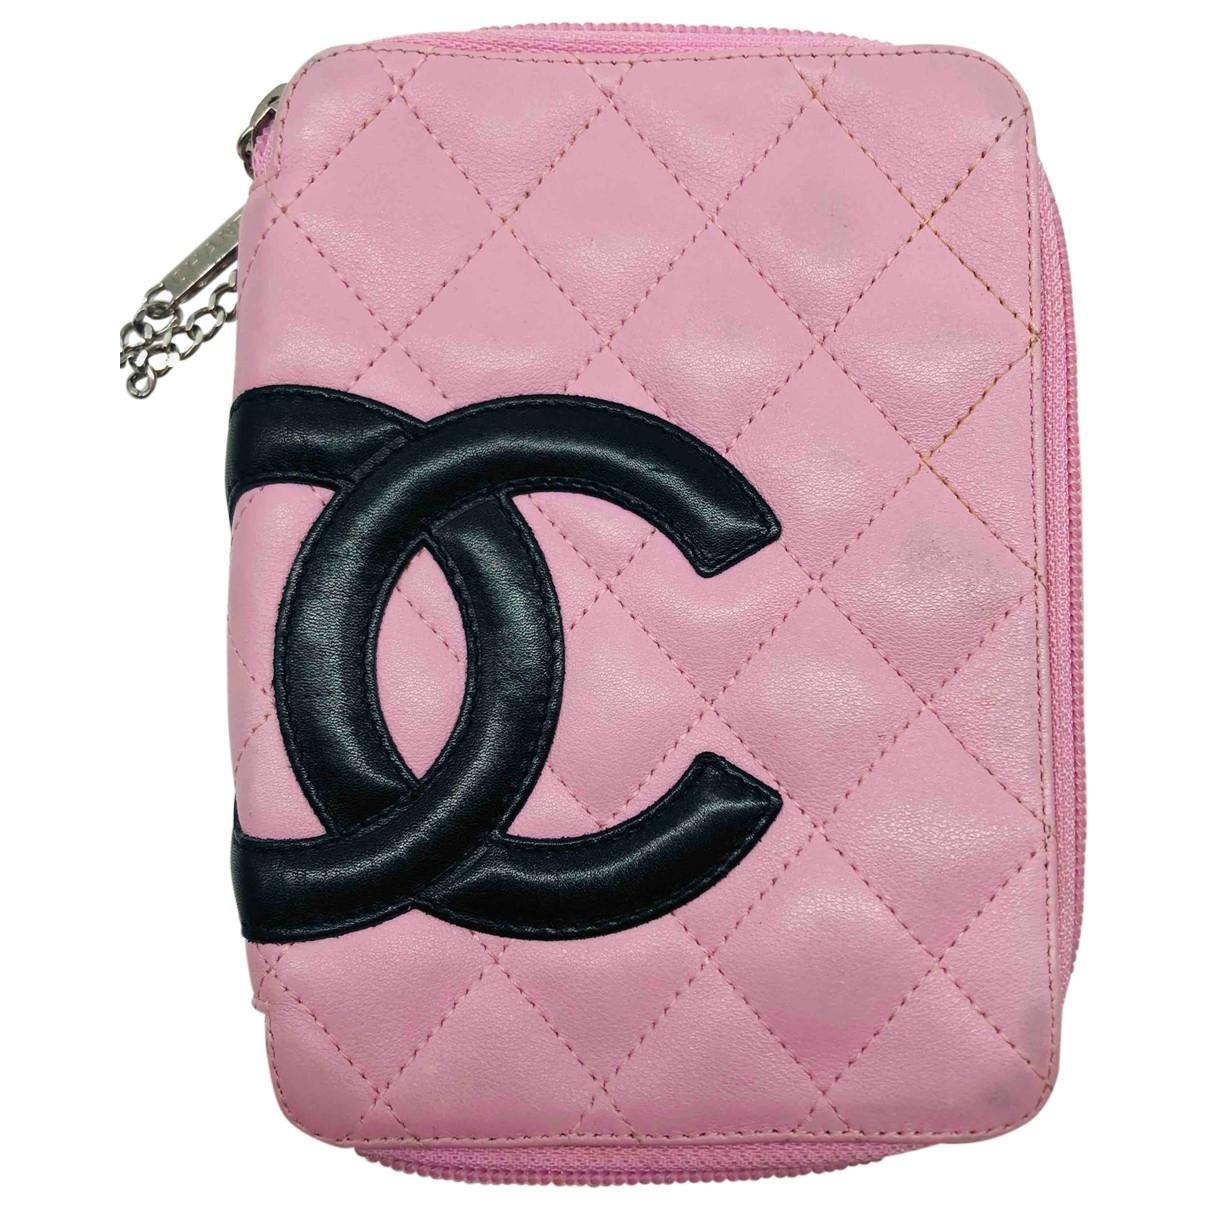 Chanel - Pochette Cambon pour femme en cuir - rose